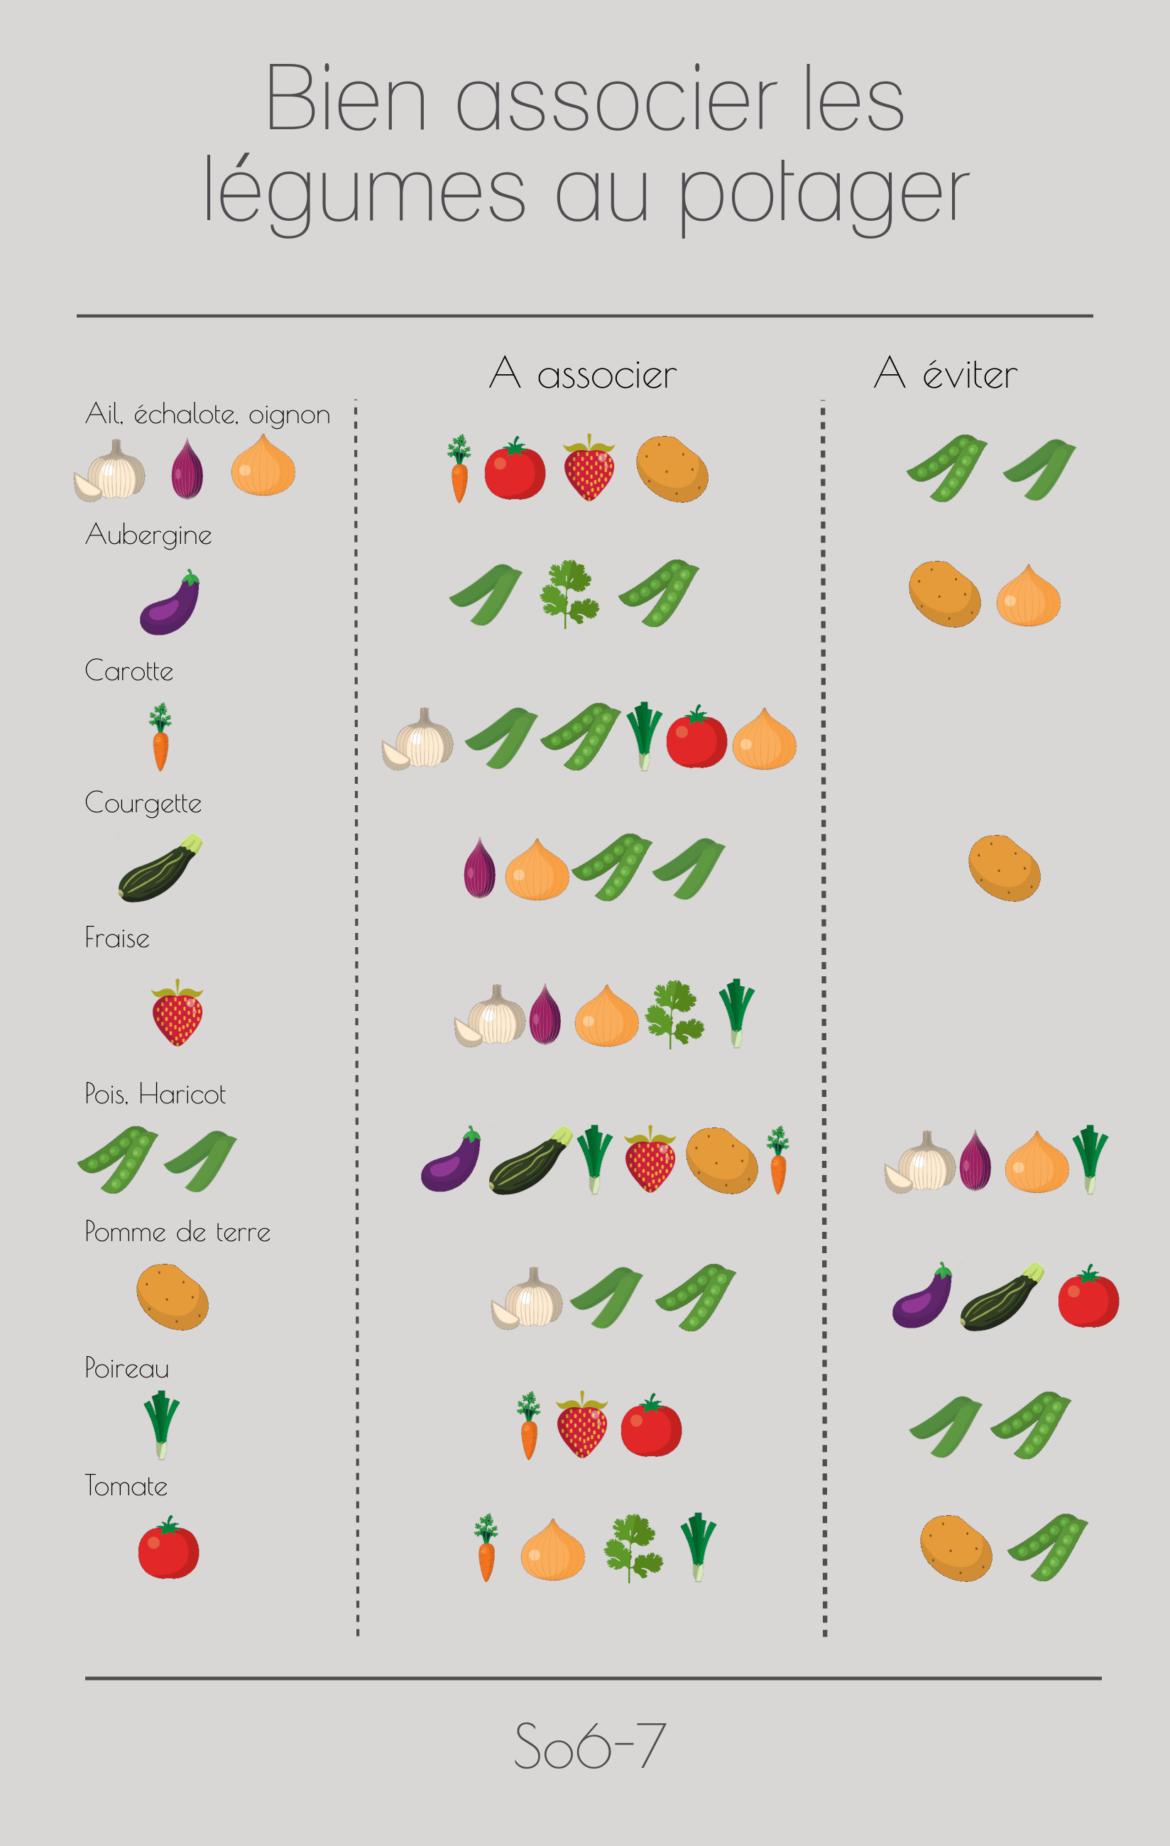 Photo of Bien associer les légumes au potager | Laure-ganisatrice